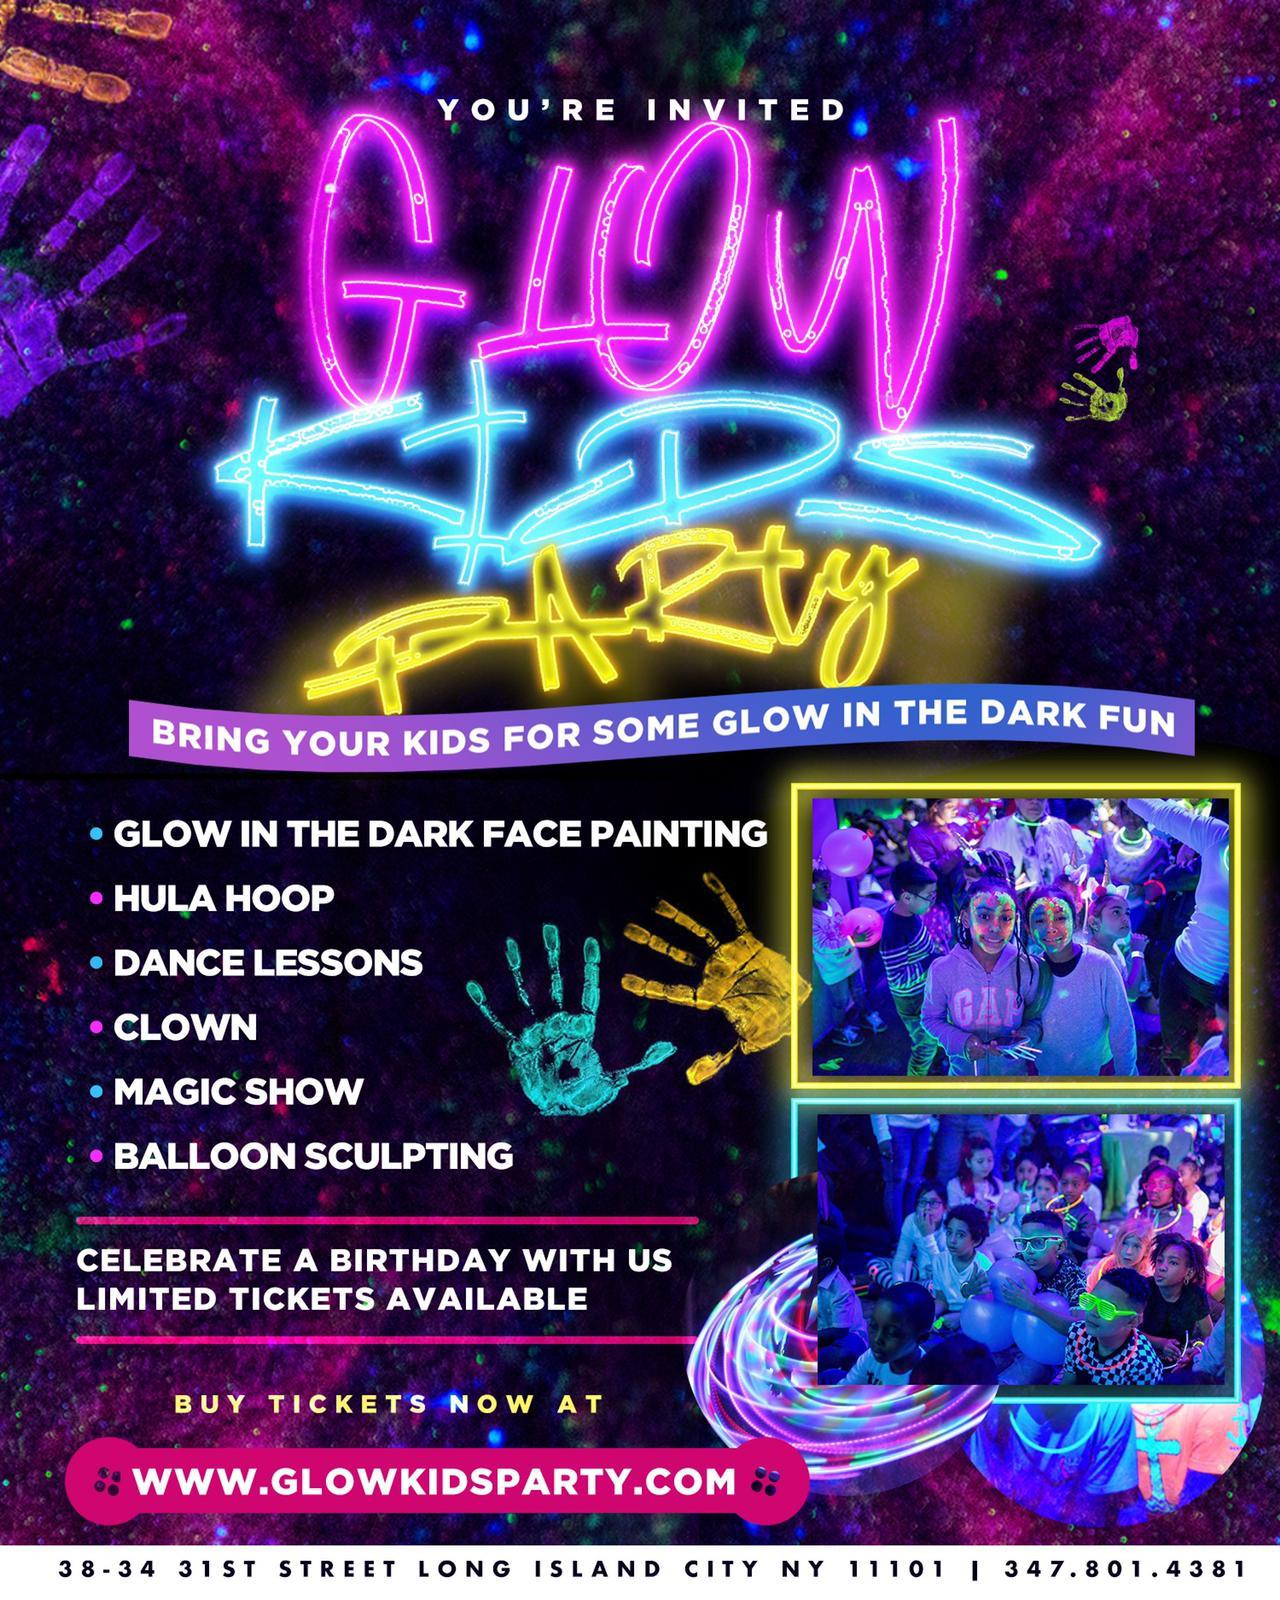 Glow Kids Party at Doha